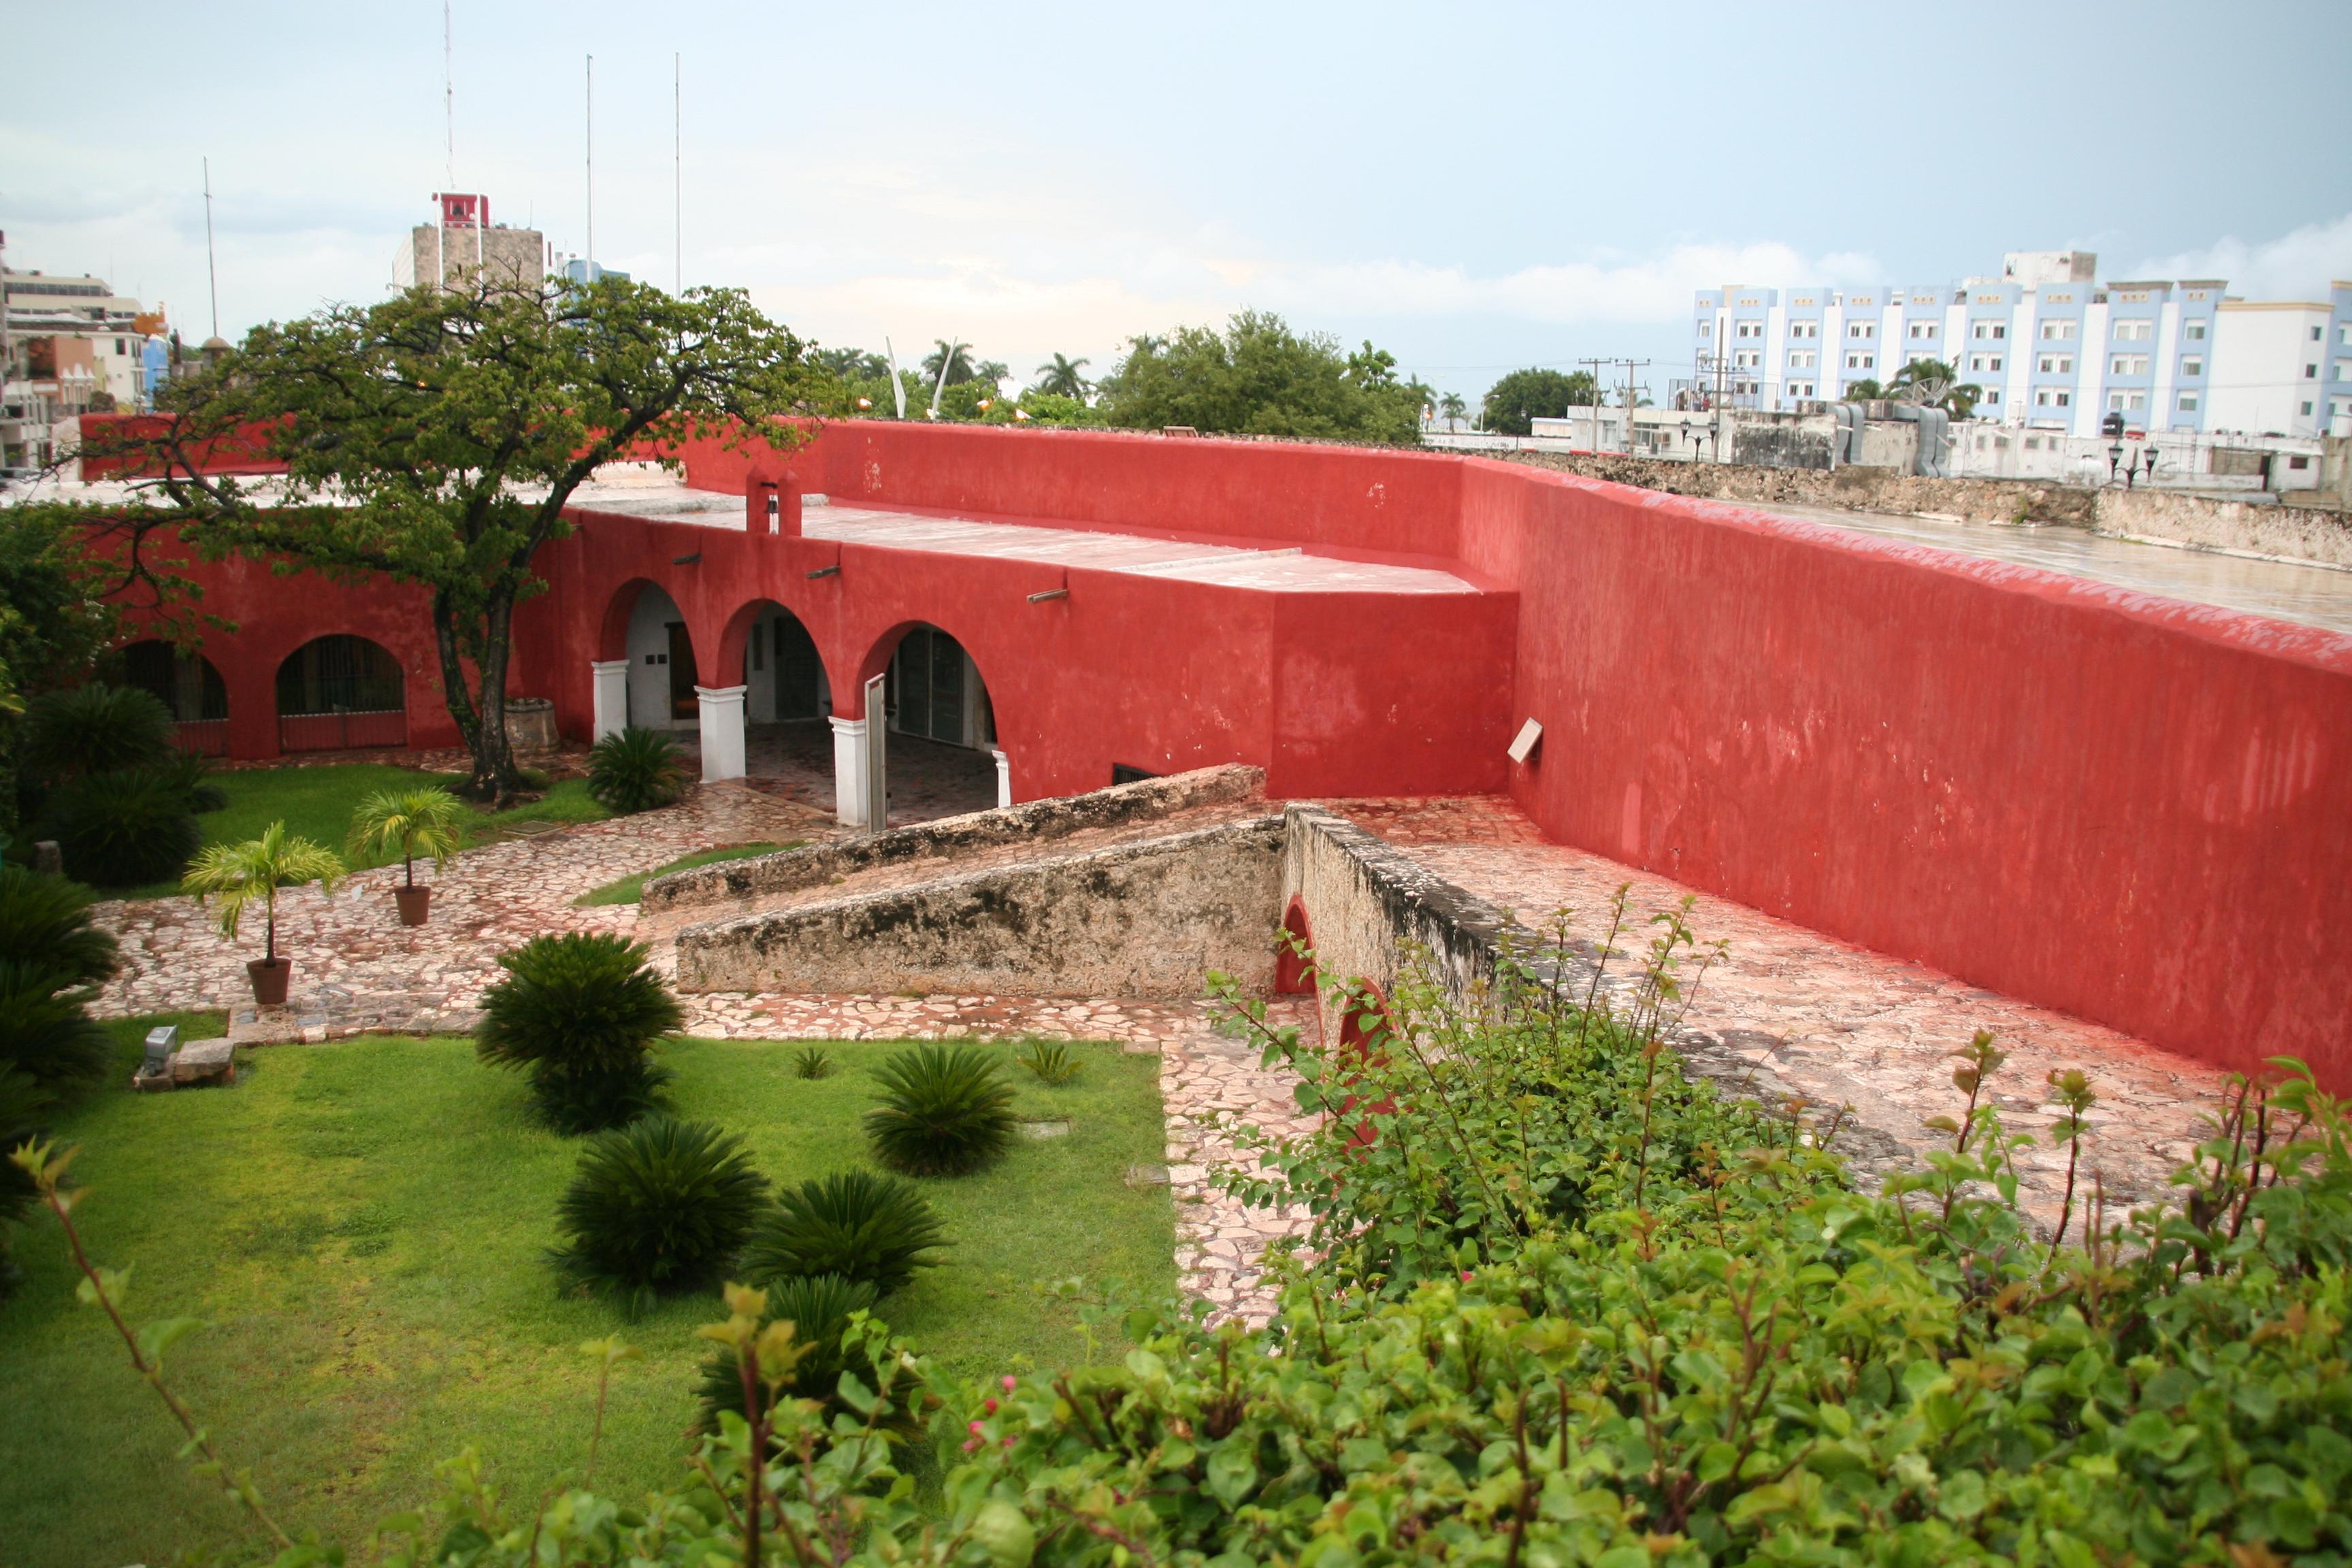 museo-de-la-soledad-campeche-69983